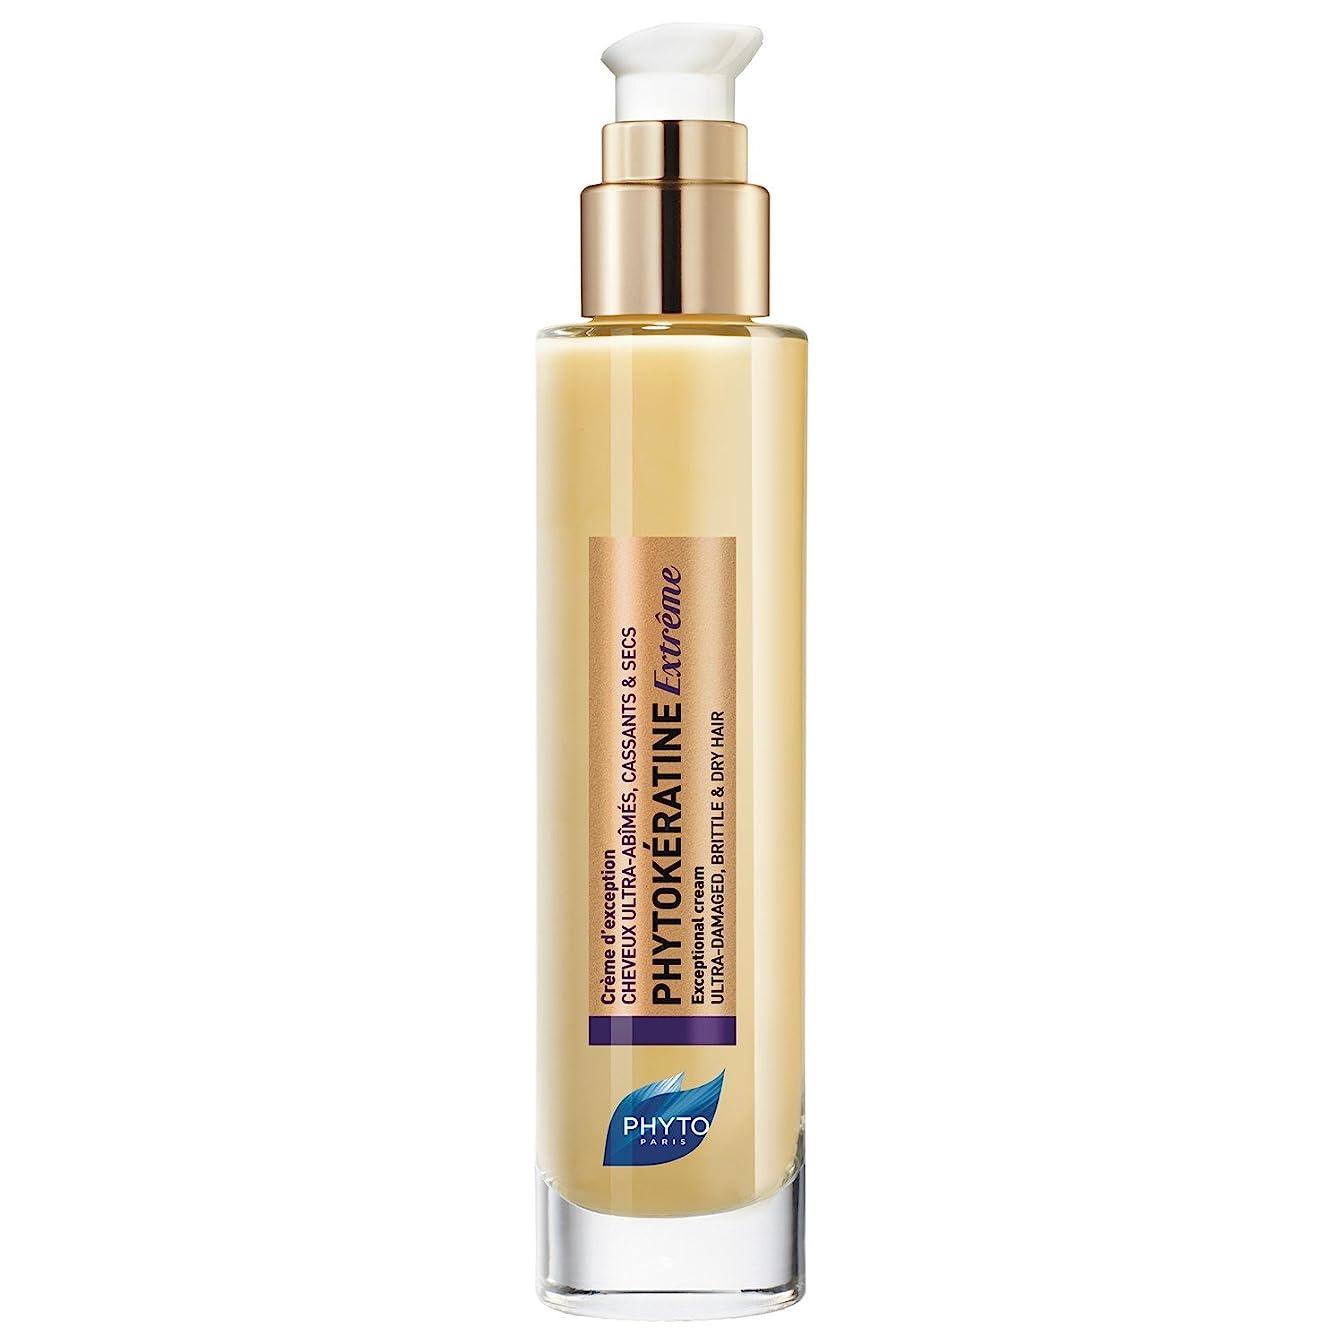 器用カレンダー植木フィトPhytokeratine極端なヘアクリーム100ミリリットル (Phyto) (x6) - Phyto Phytokeratine Extreme Hair Cream 100ml (Pack of 6) [並行輸入品]